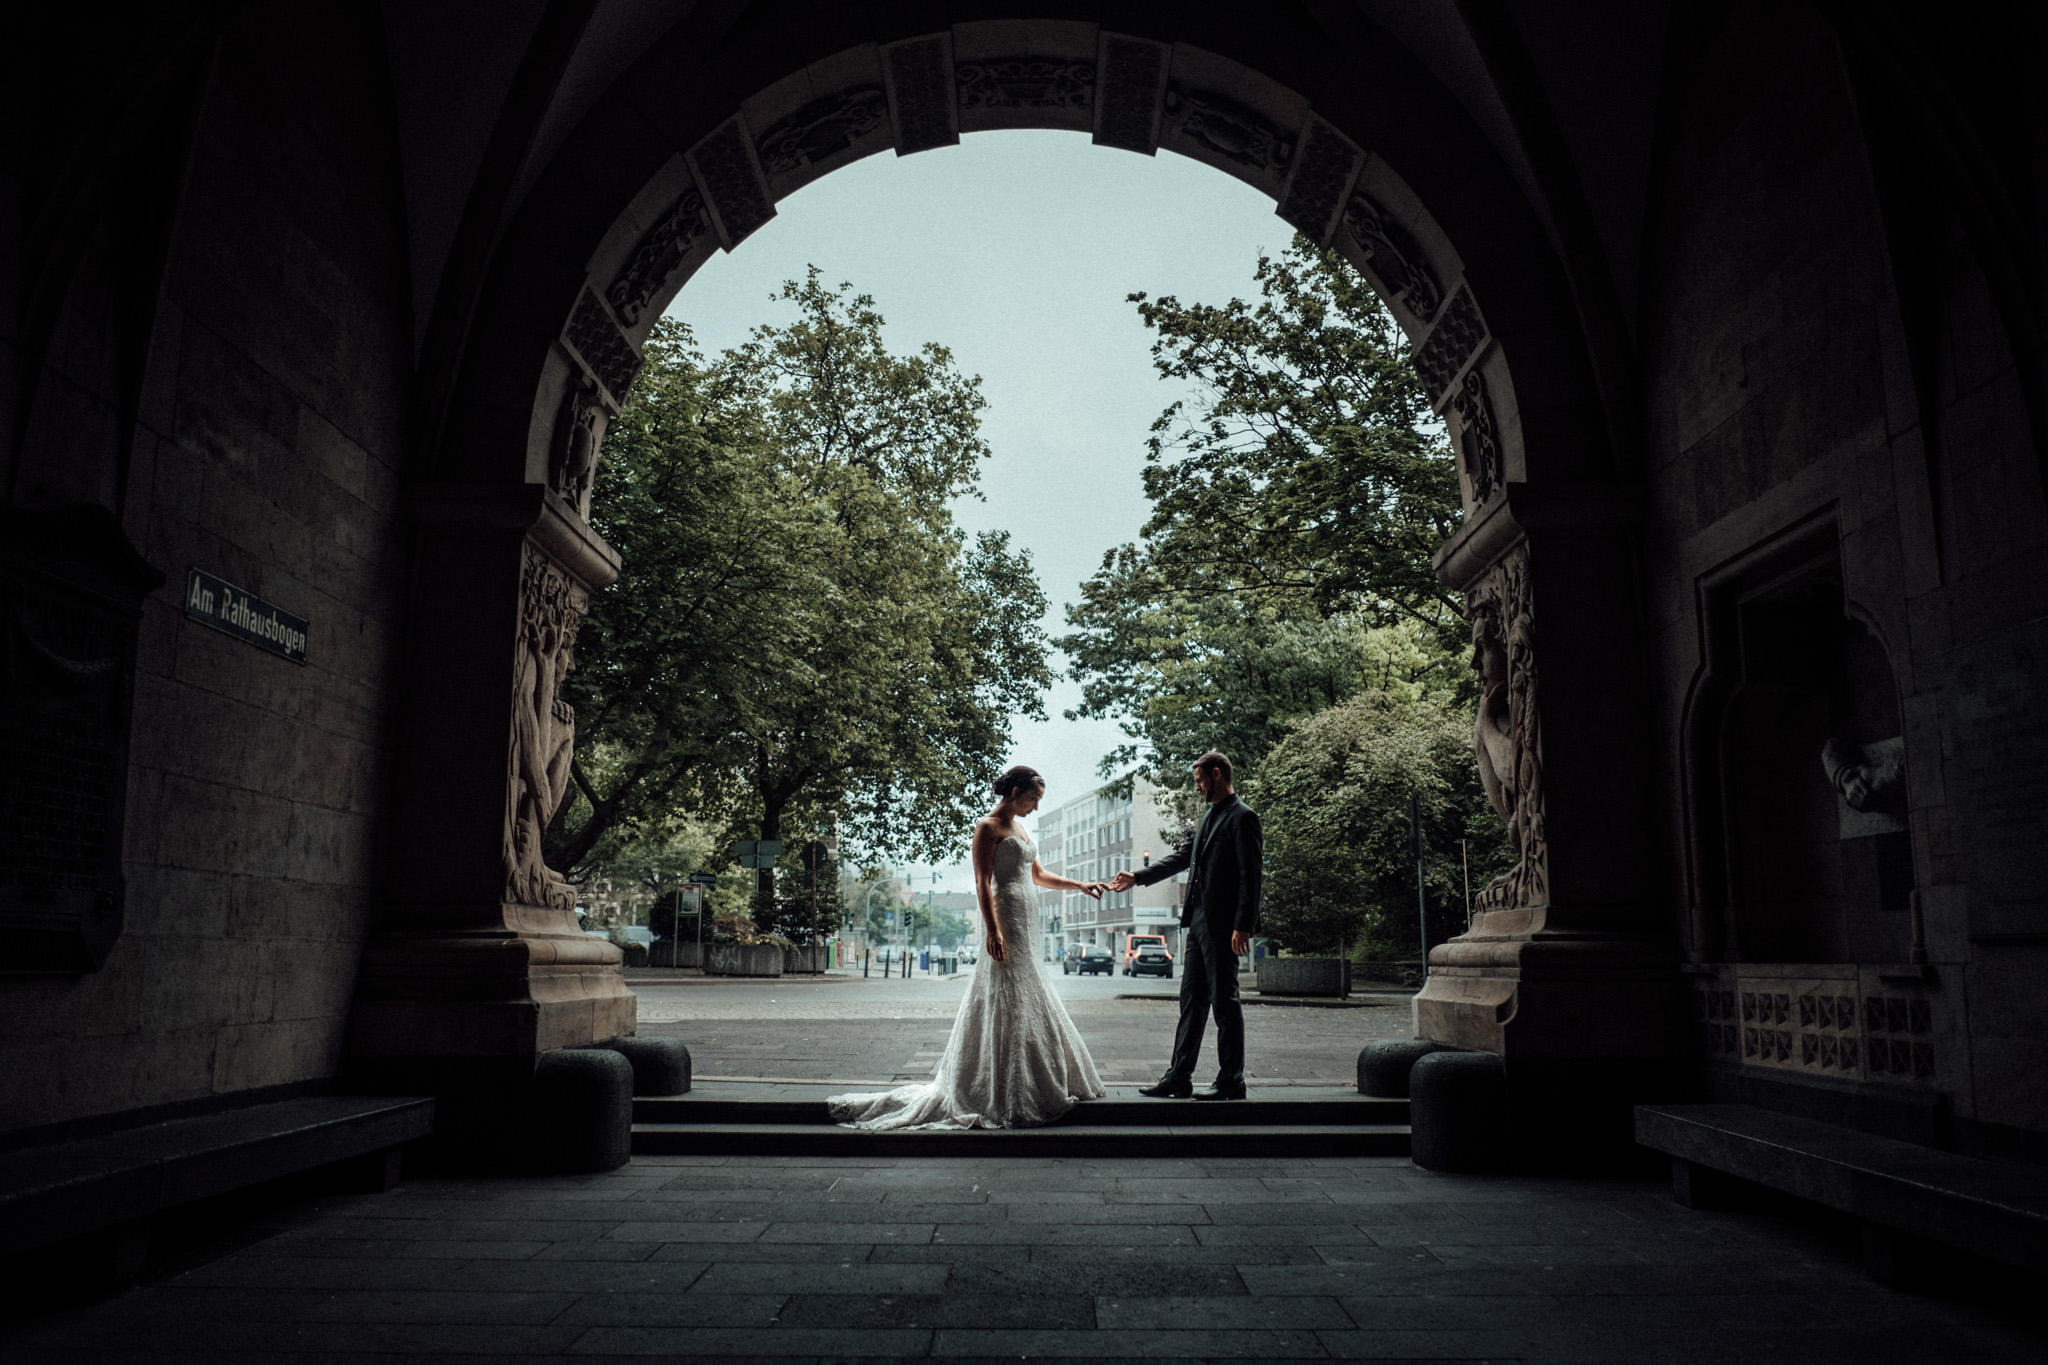 Hochzeit-Aachen-Köln-NRW-Hochzeitsfotograf-Coburg-Hochzeitsfoto-Paarshooting-Bester-Fotograf-Mönchengladbach.jpg